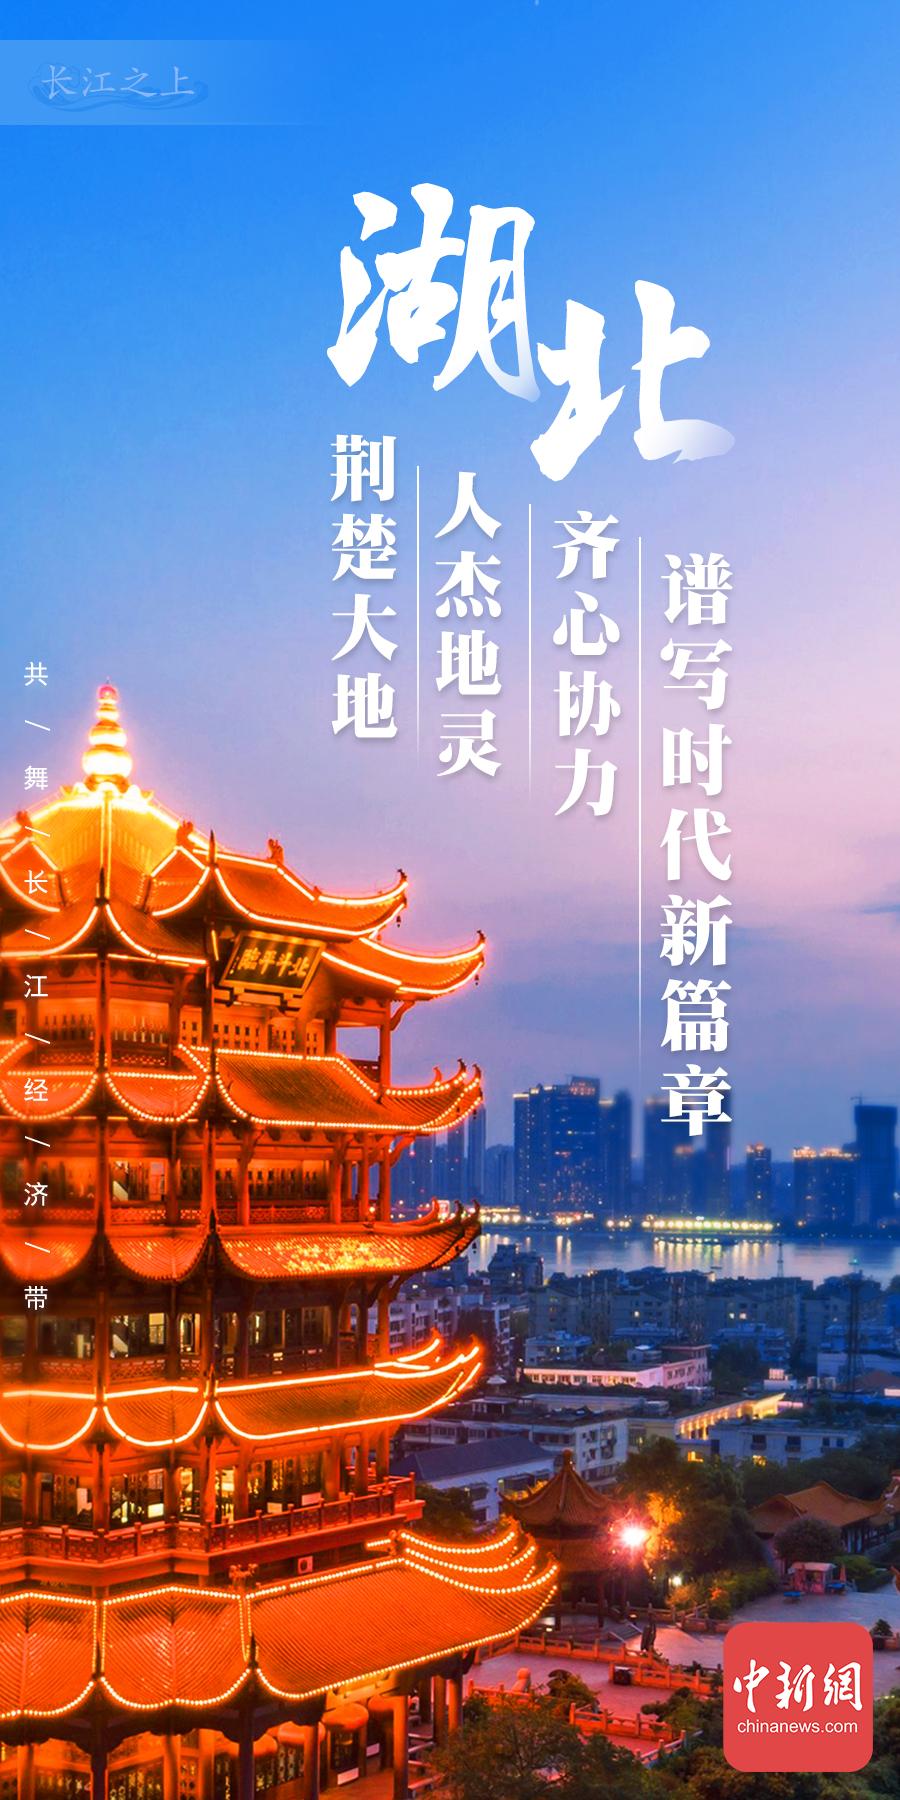 长江之歌| 山清水秀,人杰地灵,这里是湖北图片